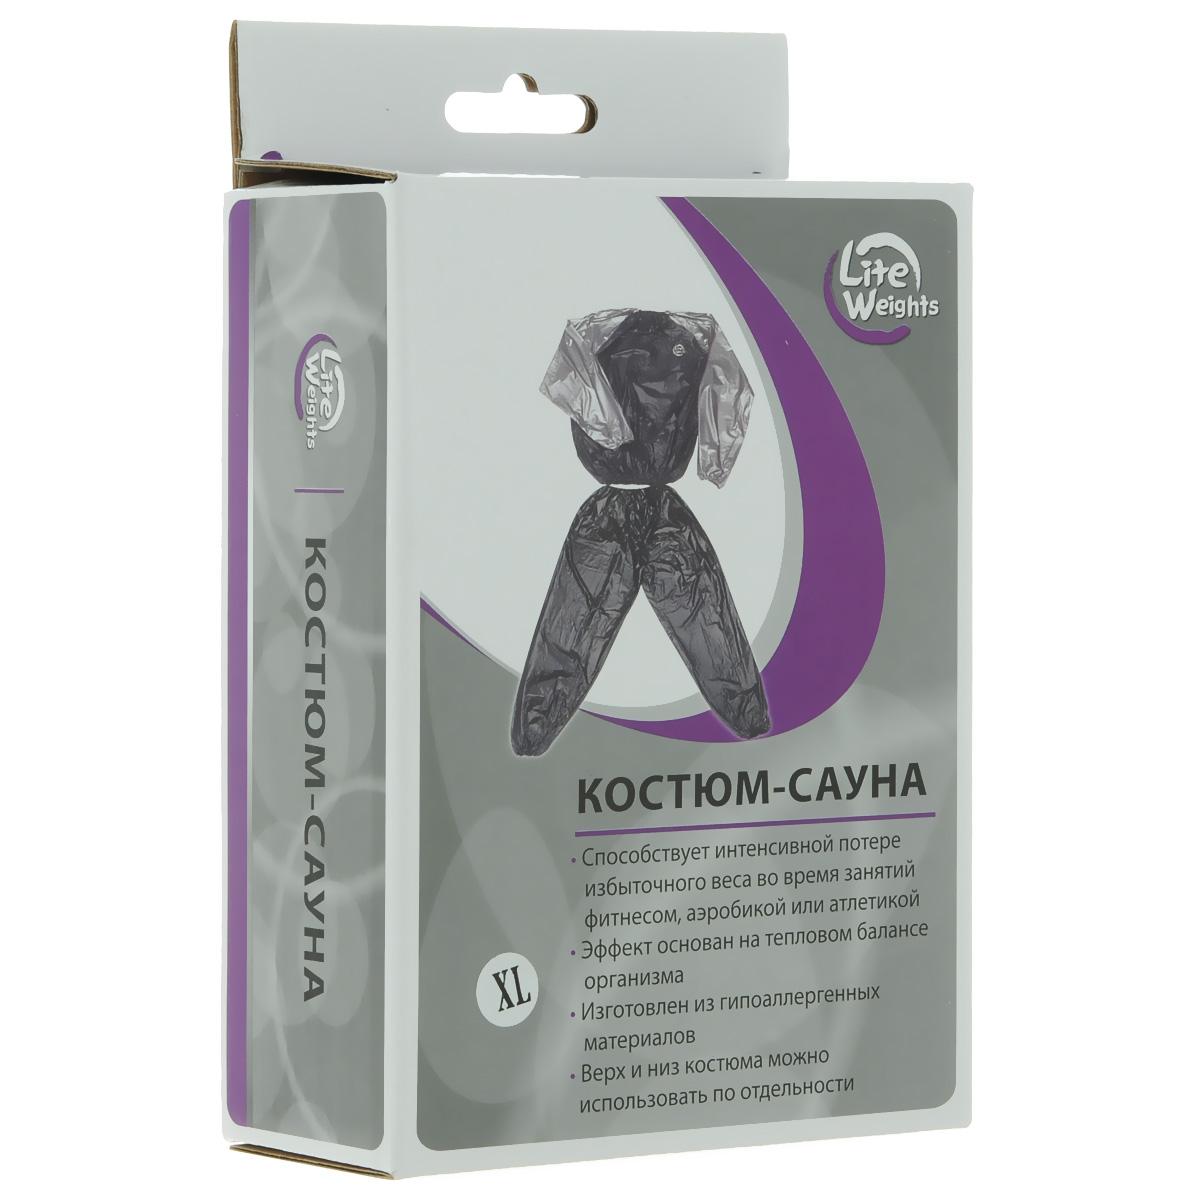 Костюм-сауна Lite Weights, цвет: черный, серый. Размер XLKZ 0218Костюм-сауна Lite Weights способствует интенсивной потере избыточного веса во время занятий фитнесом, аэробикой или атлетикой. Эффект основан на тепловом балансе организма. Костюм выполнен из гипоаллергенных материалов.При использовании этого костюма у вас пропадает лишний вес, калории сжигаются в несколько раз быстрее, чем во время обычных физических нагрузок, а вы выглядите с каждым днем все более привлекательно. Преимущества костюма-сауны 5601SA: Способствует интенсивной потере избыточного веса во время занятий фитнесом, аэробикой или атлетикой Эффект основан на тепловом балансе организма Изготовлен из гипоаллергенных материалов Верхняя и нижняя части костюма могут применяться как вместе, так и по отдельности Подходит как для мужчин, так и для женщин. Толщина материала: 0,1 мм. Длина куртки: 71 см. Ширина куртки: 68 см. Длина рукавов куртки: 68 см. Диаметр рукавов куртки: 17,5 см. Диаметр воротниковой зоны куртки: 37 см. Длина брюк: 115 см. Обхват талии брюк: 63,5 см. Обхват брюк в районе щиколотки: 20,5 см.